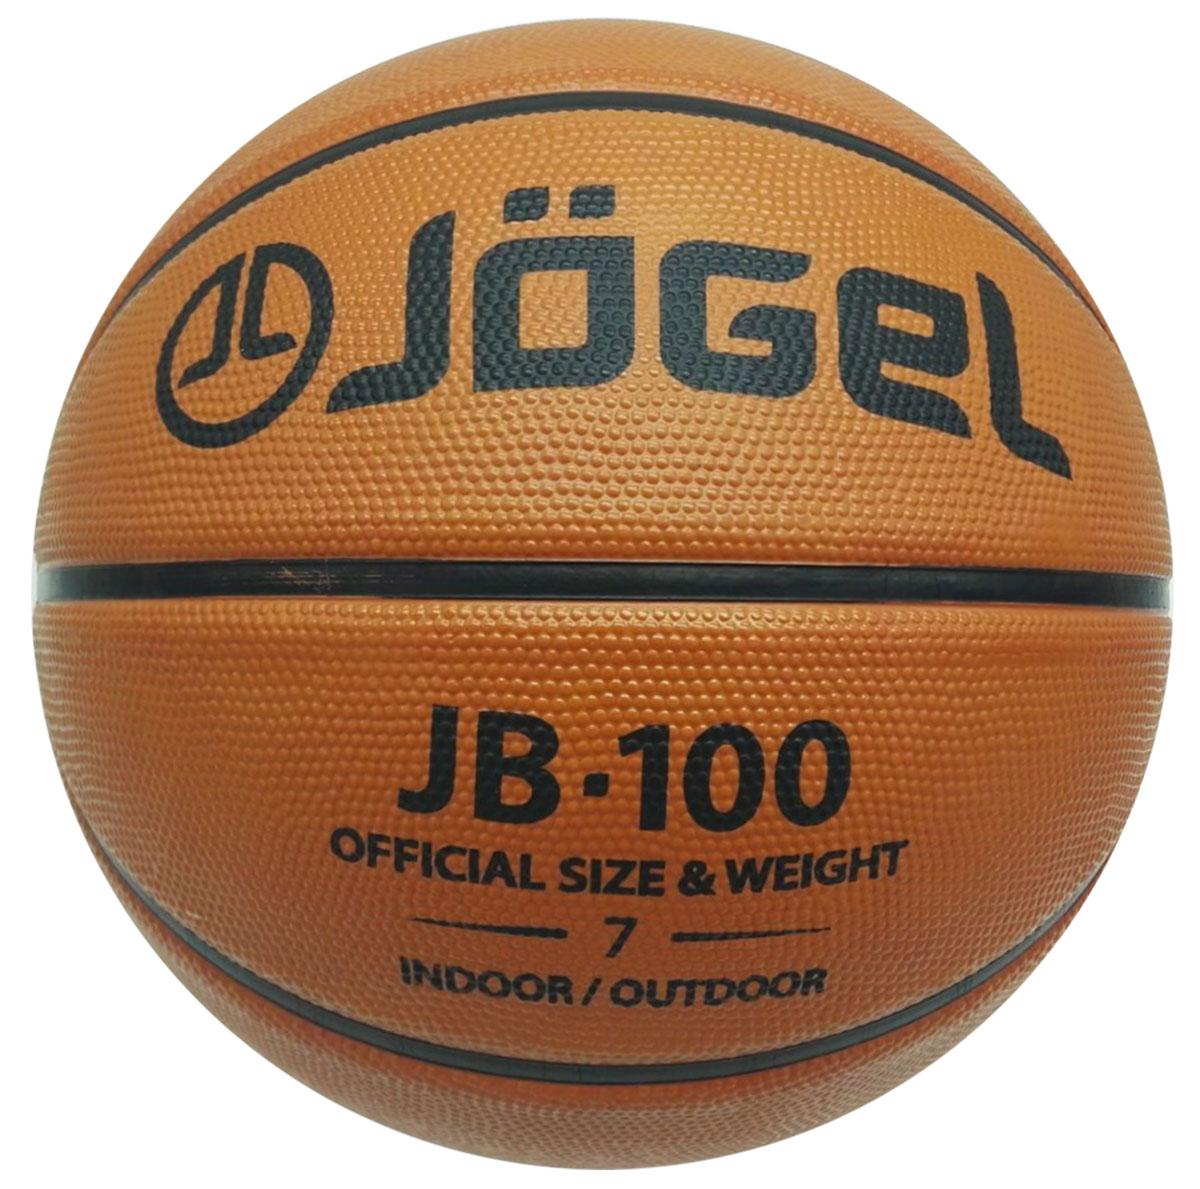 Мяч баскетбольный Jogel, цвет: коричневый. Размер 7. JB-100 мячи спортивные jogel мяч баскетбольный jogel jb 150 7